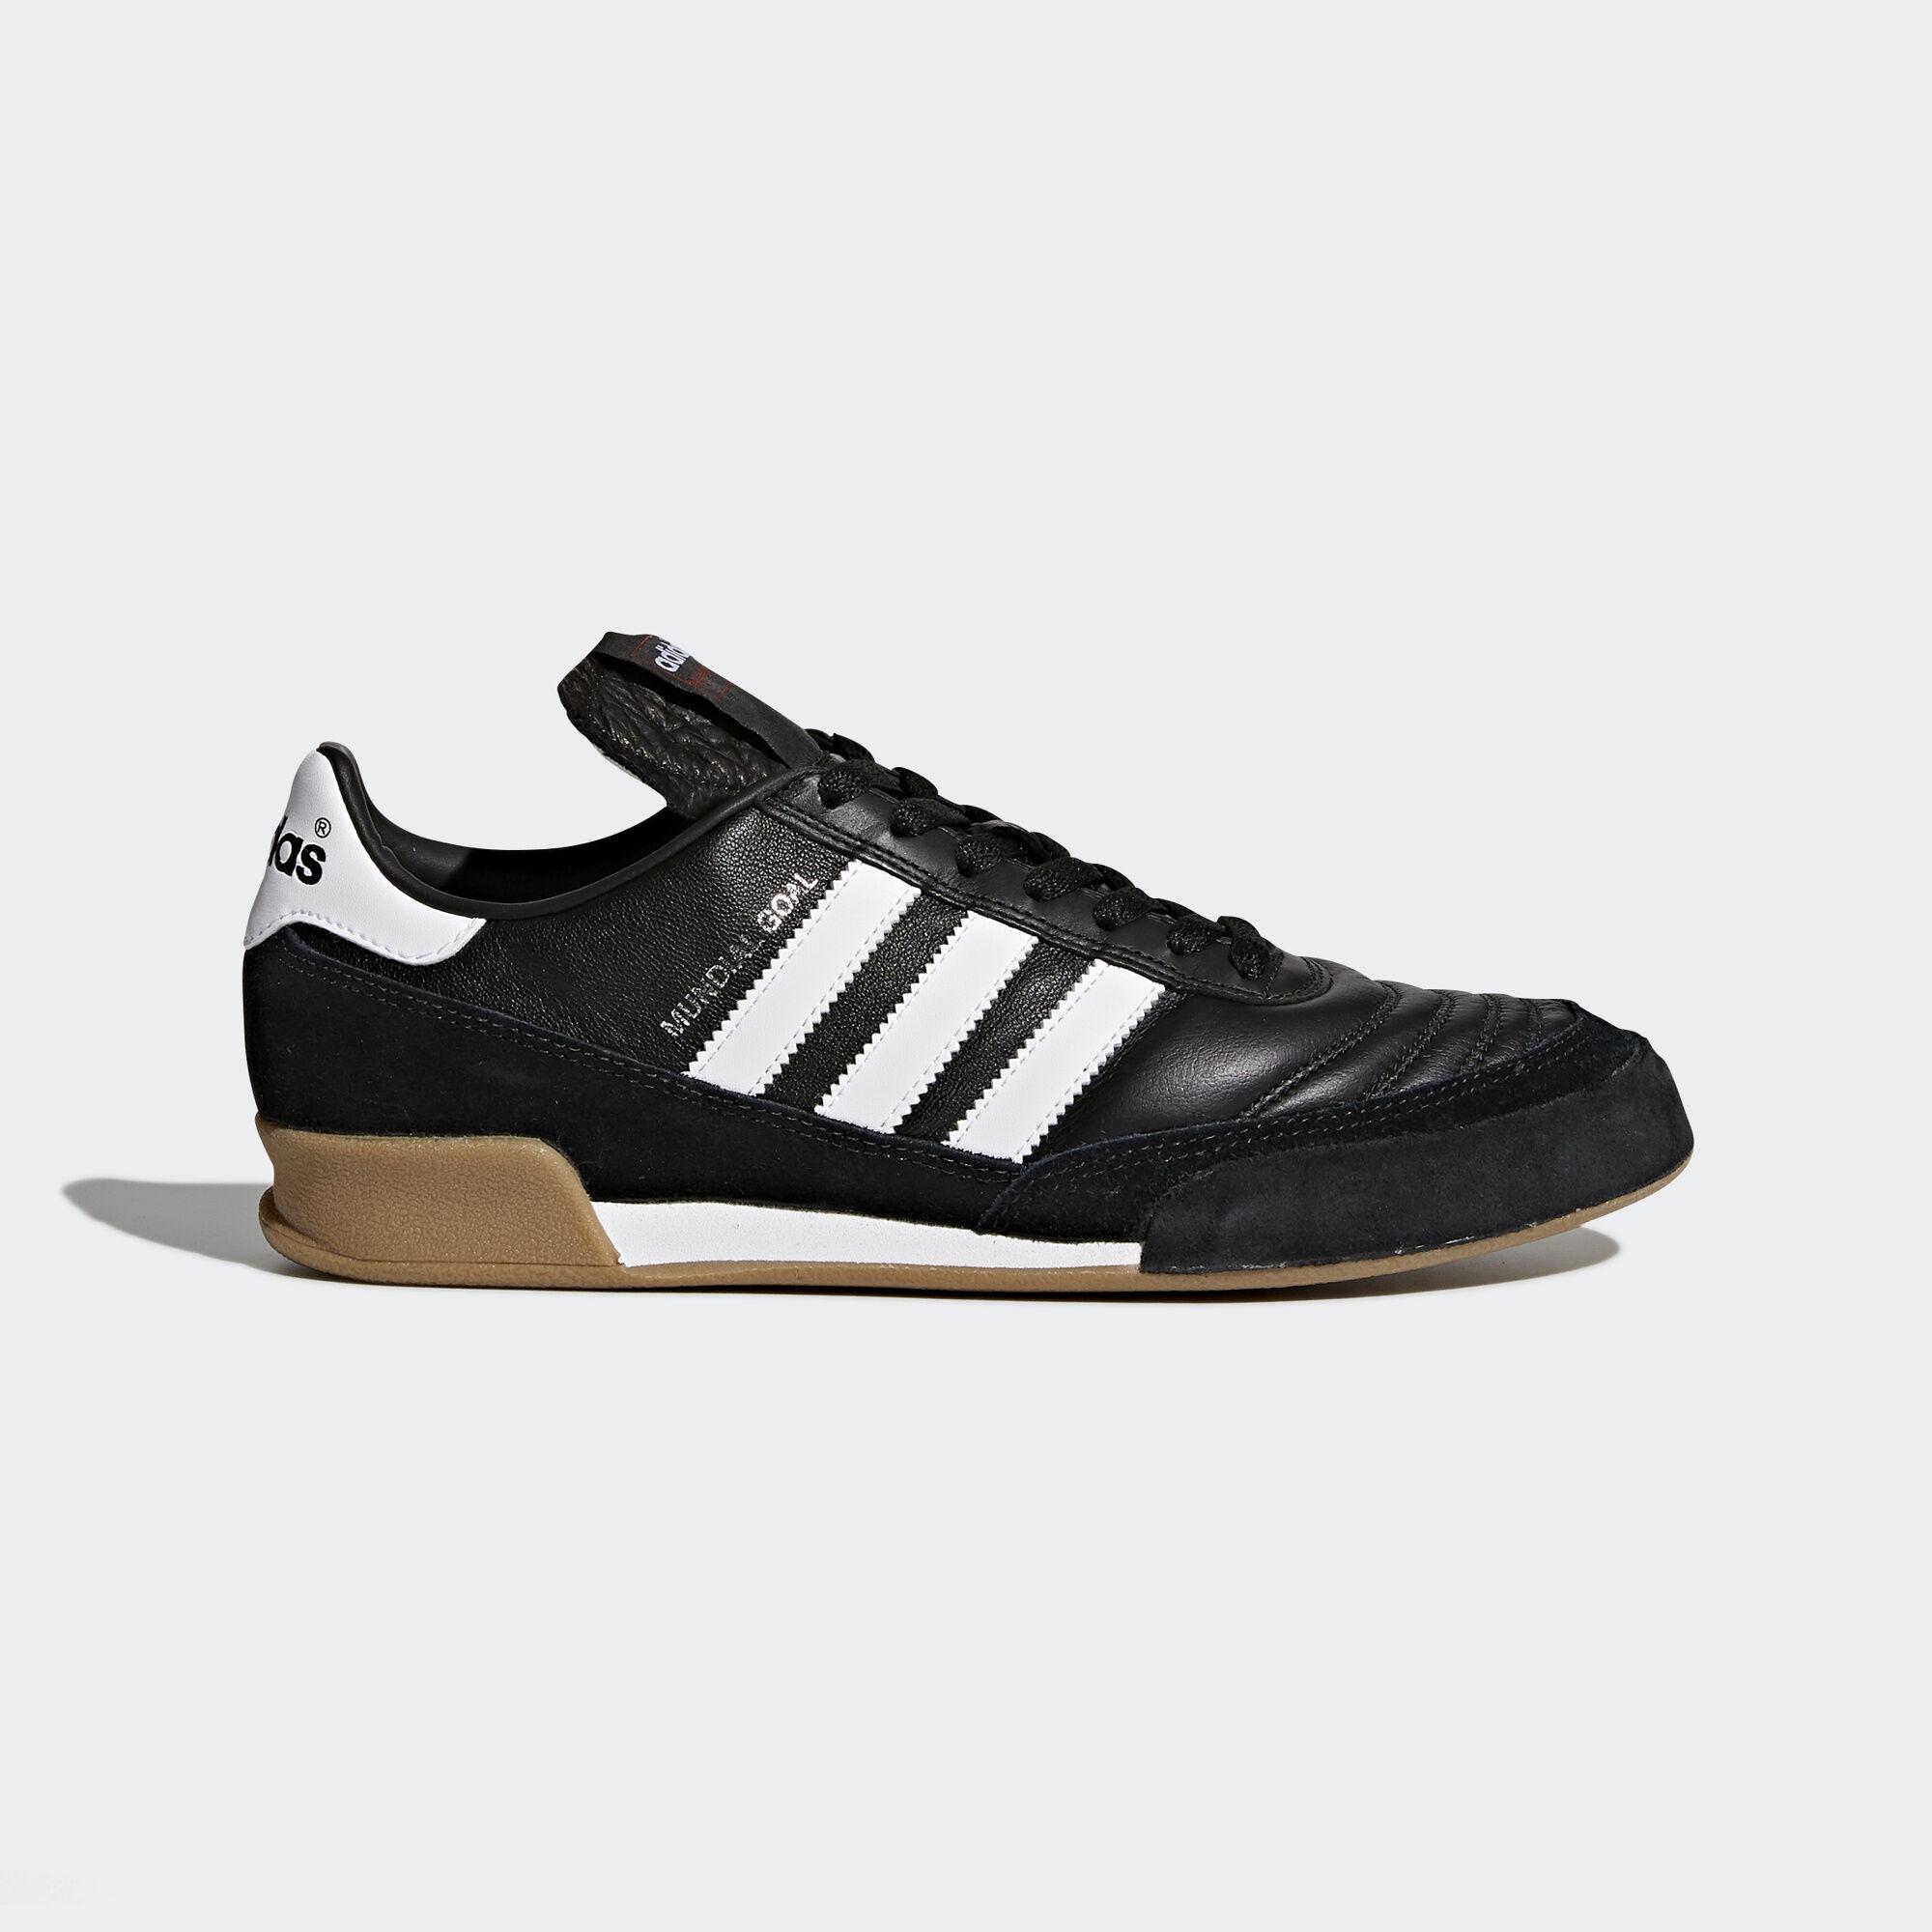 new style 9b022 51d30 Chaussures de football Adidas standard standard